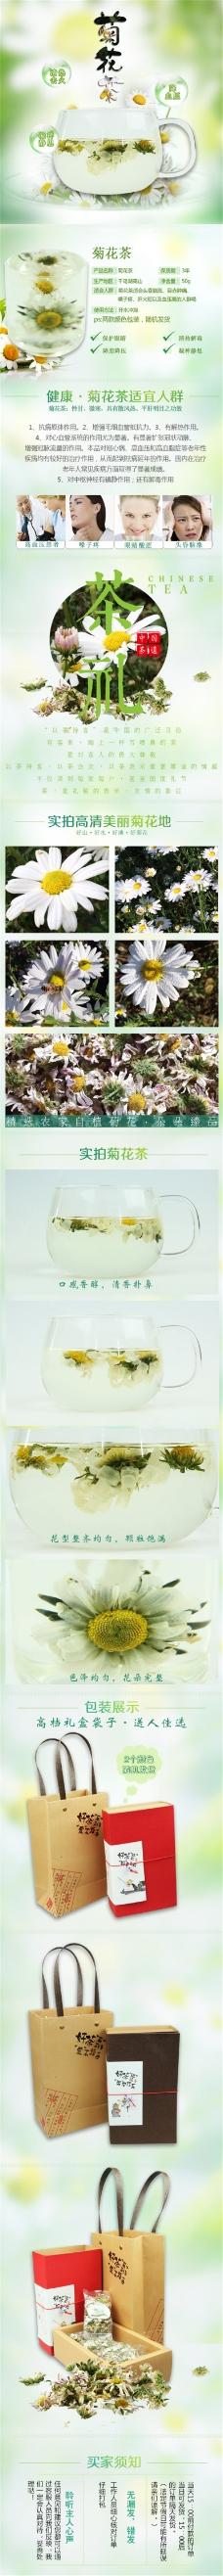 菊花茶 茶详情页PSD免费下载